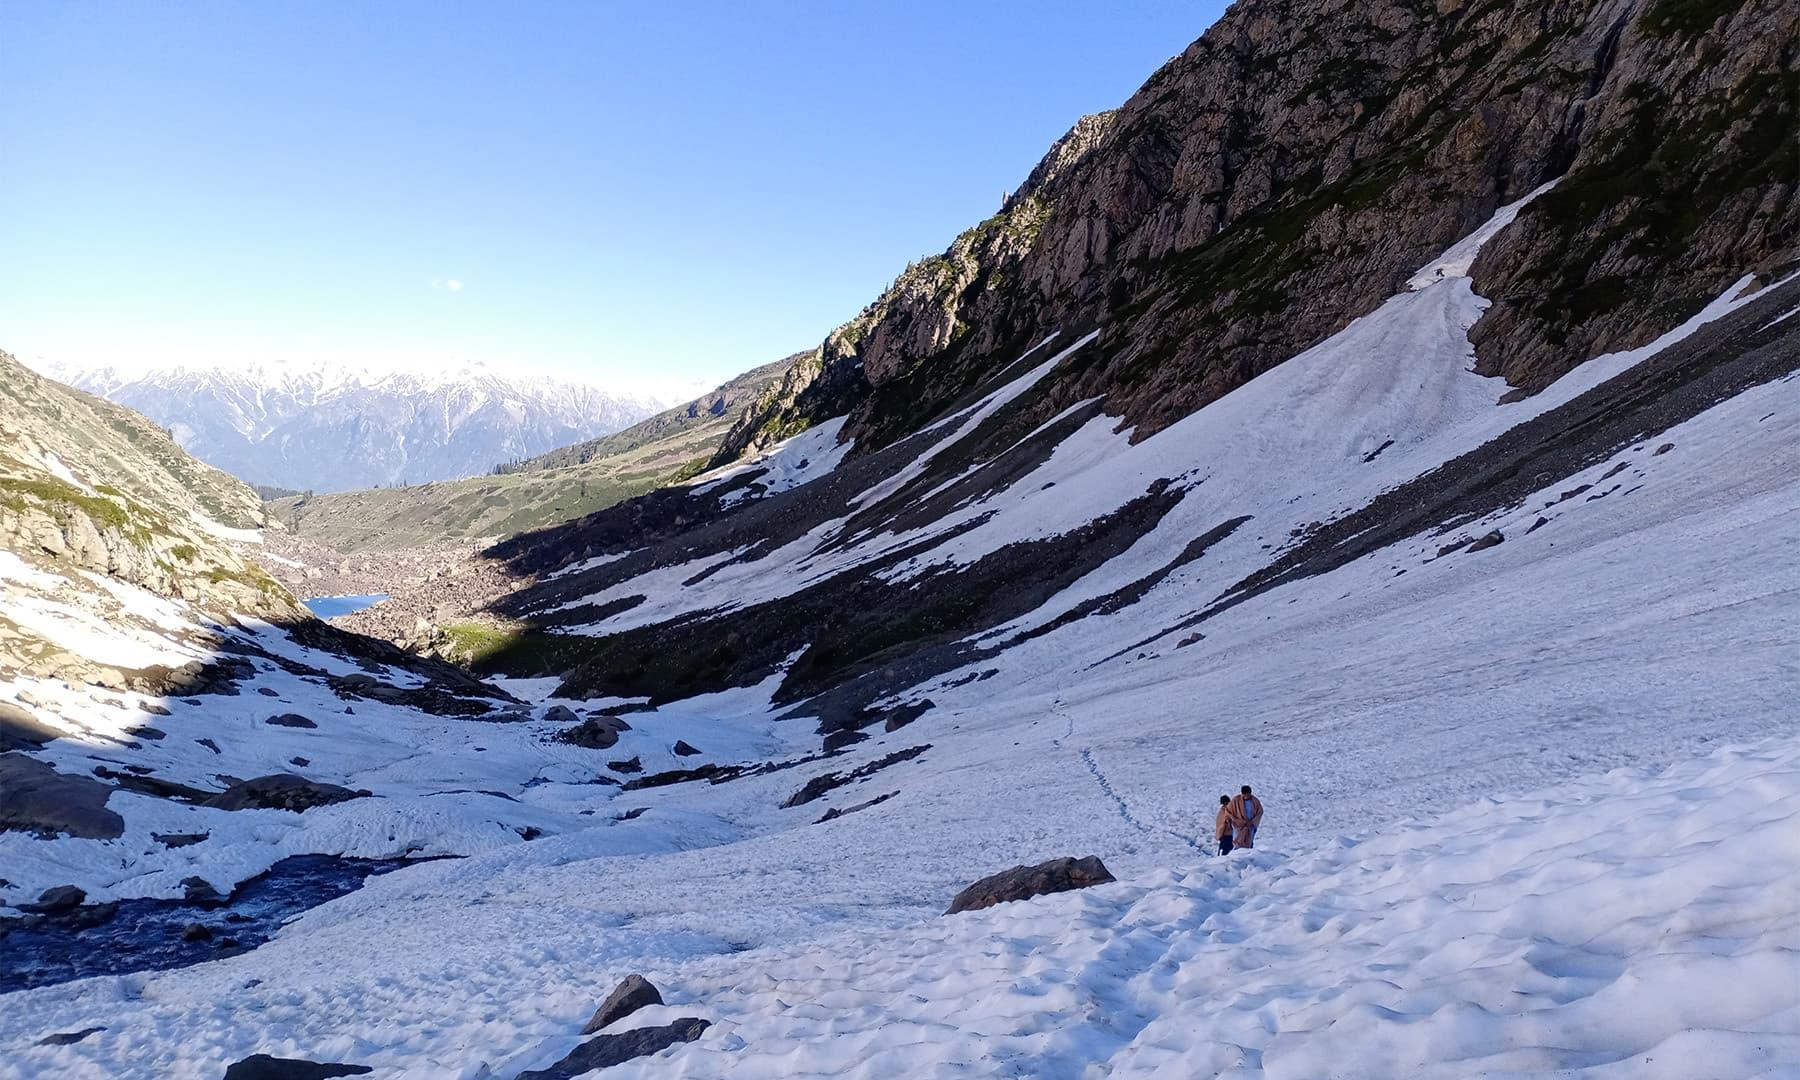 ہموار سطح پر چڑھائی کچھ آسان تھی — تصویر: عظمت اکبر